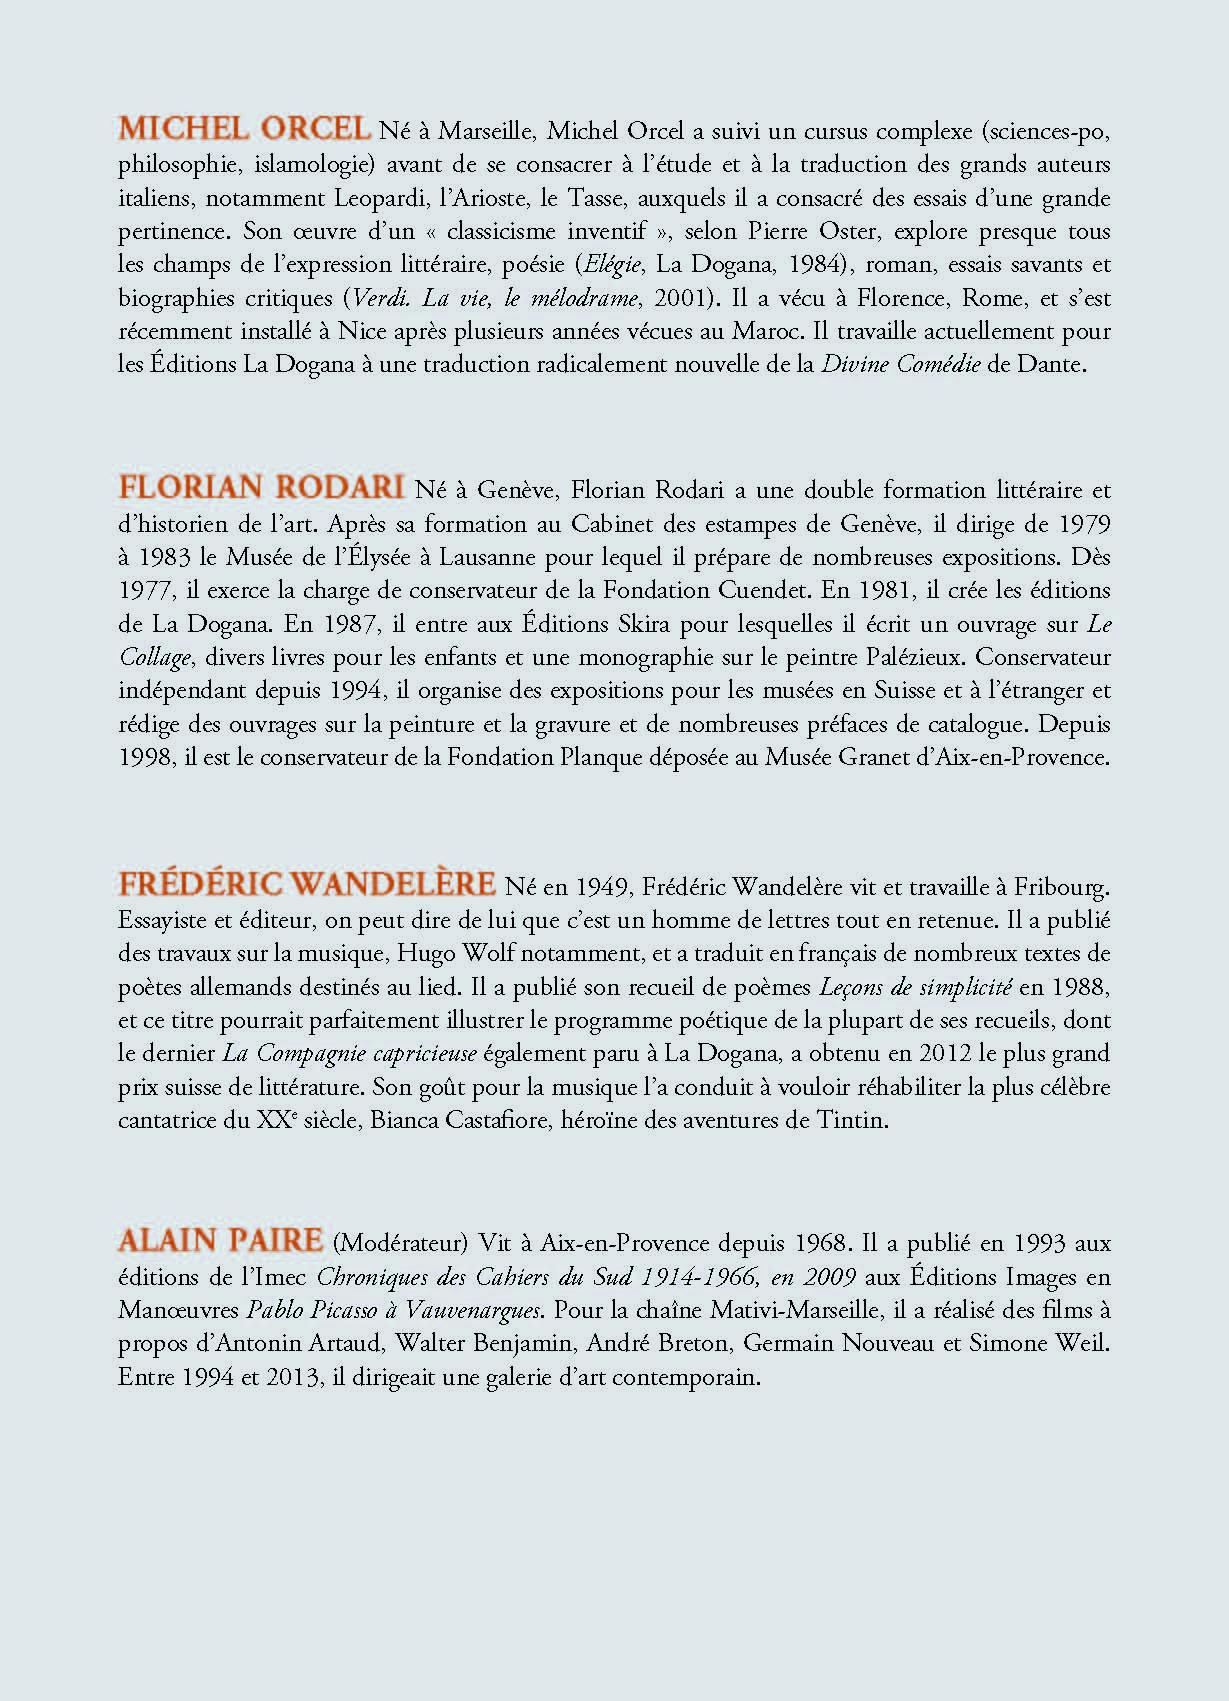 Pages de 2014_11_22_pour_feter_la_poesie-3